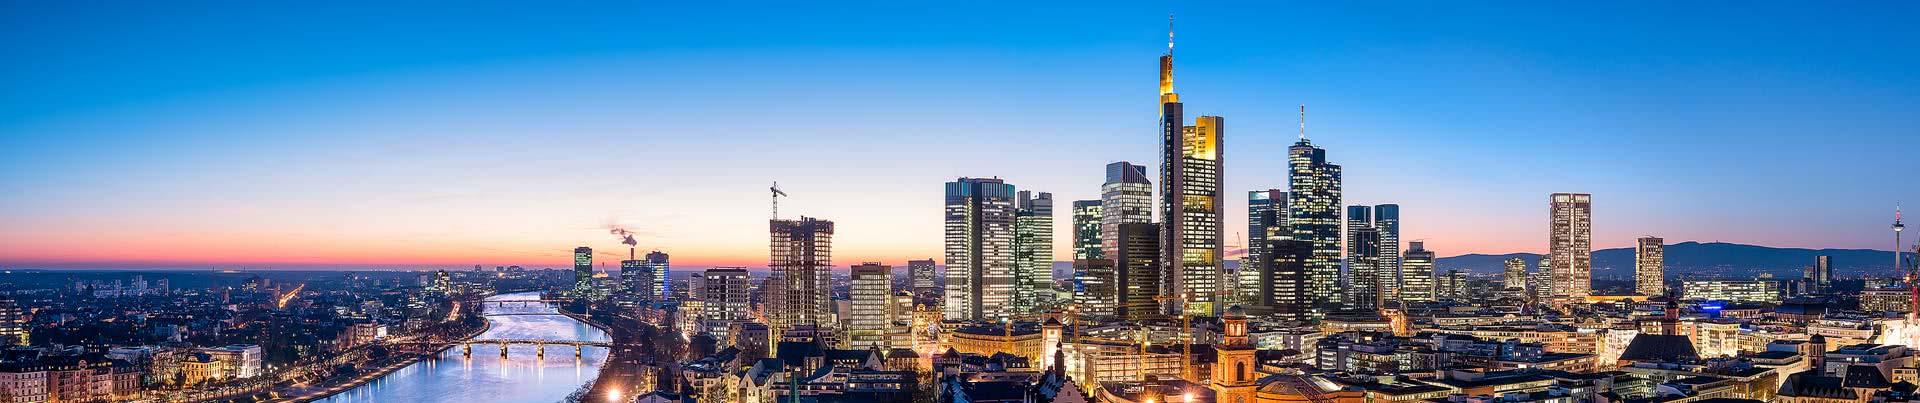 Frankfurter Skyline in der Dämmerung